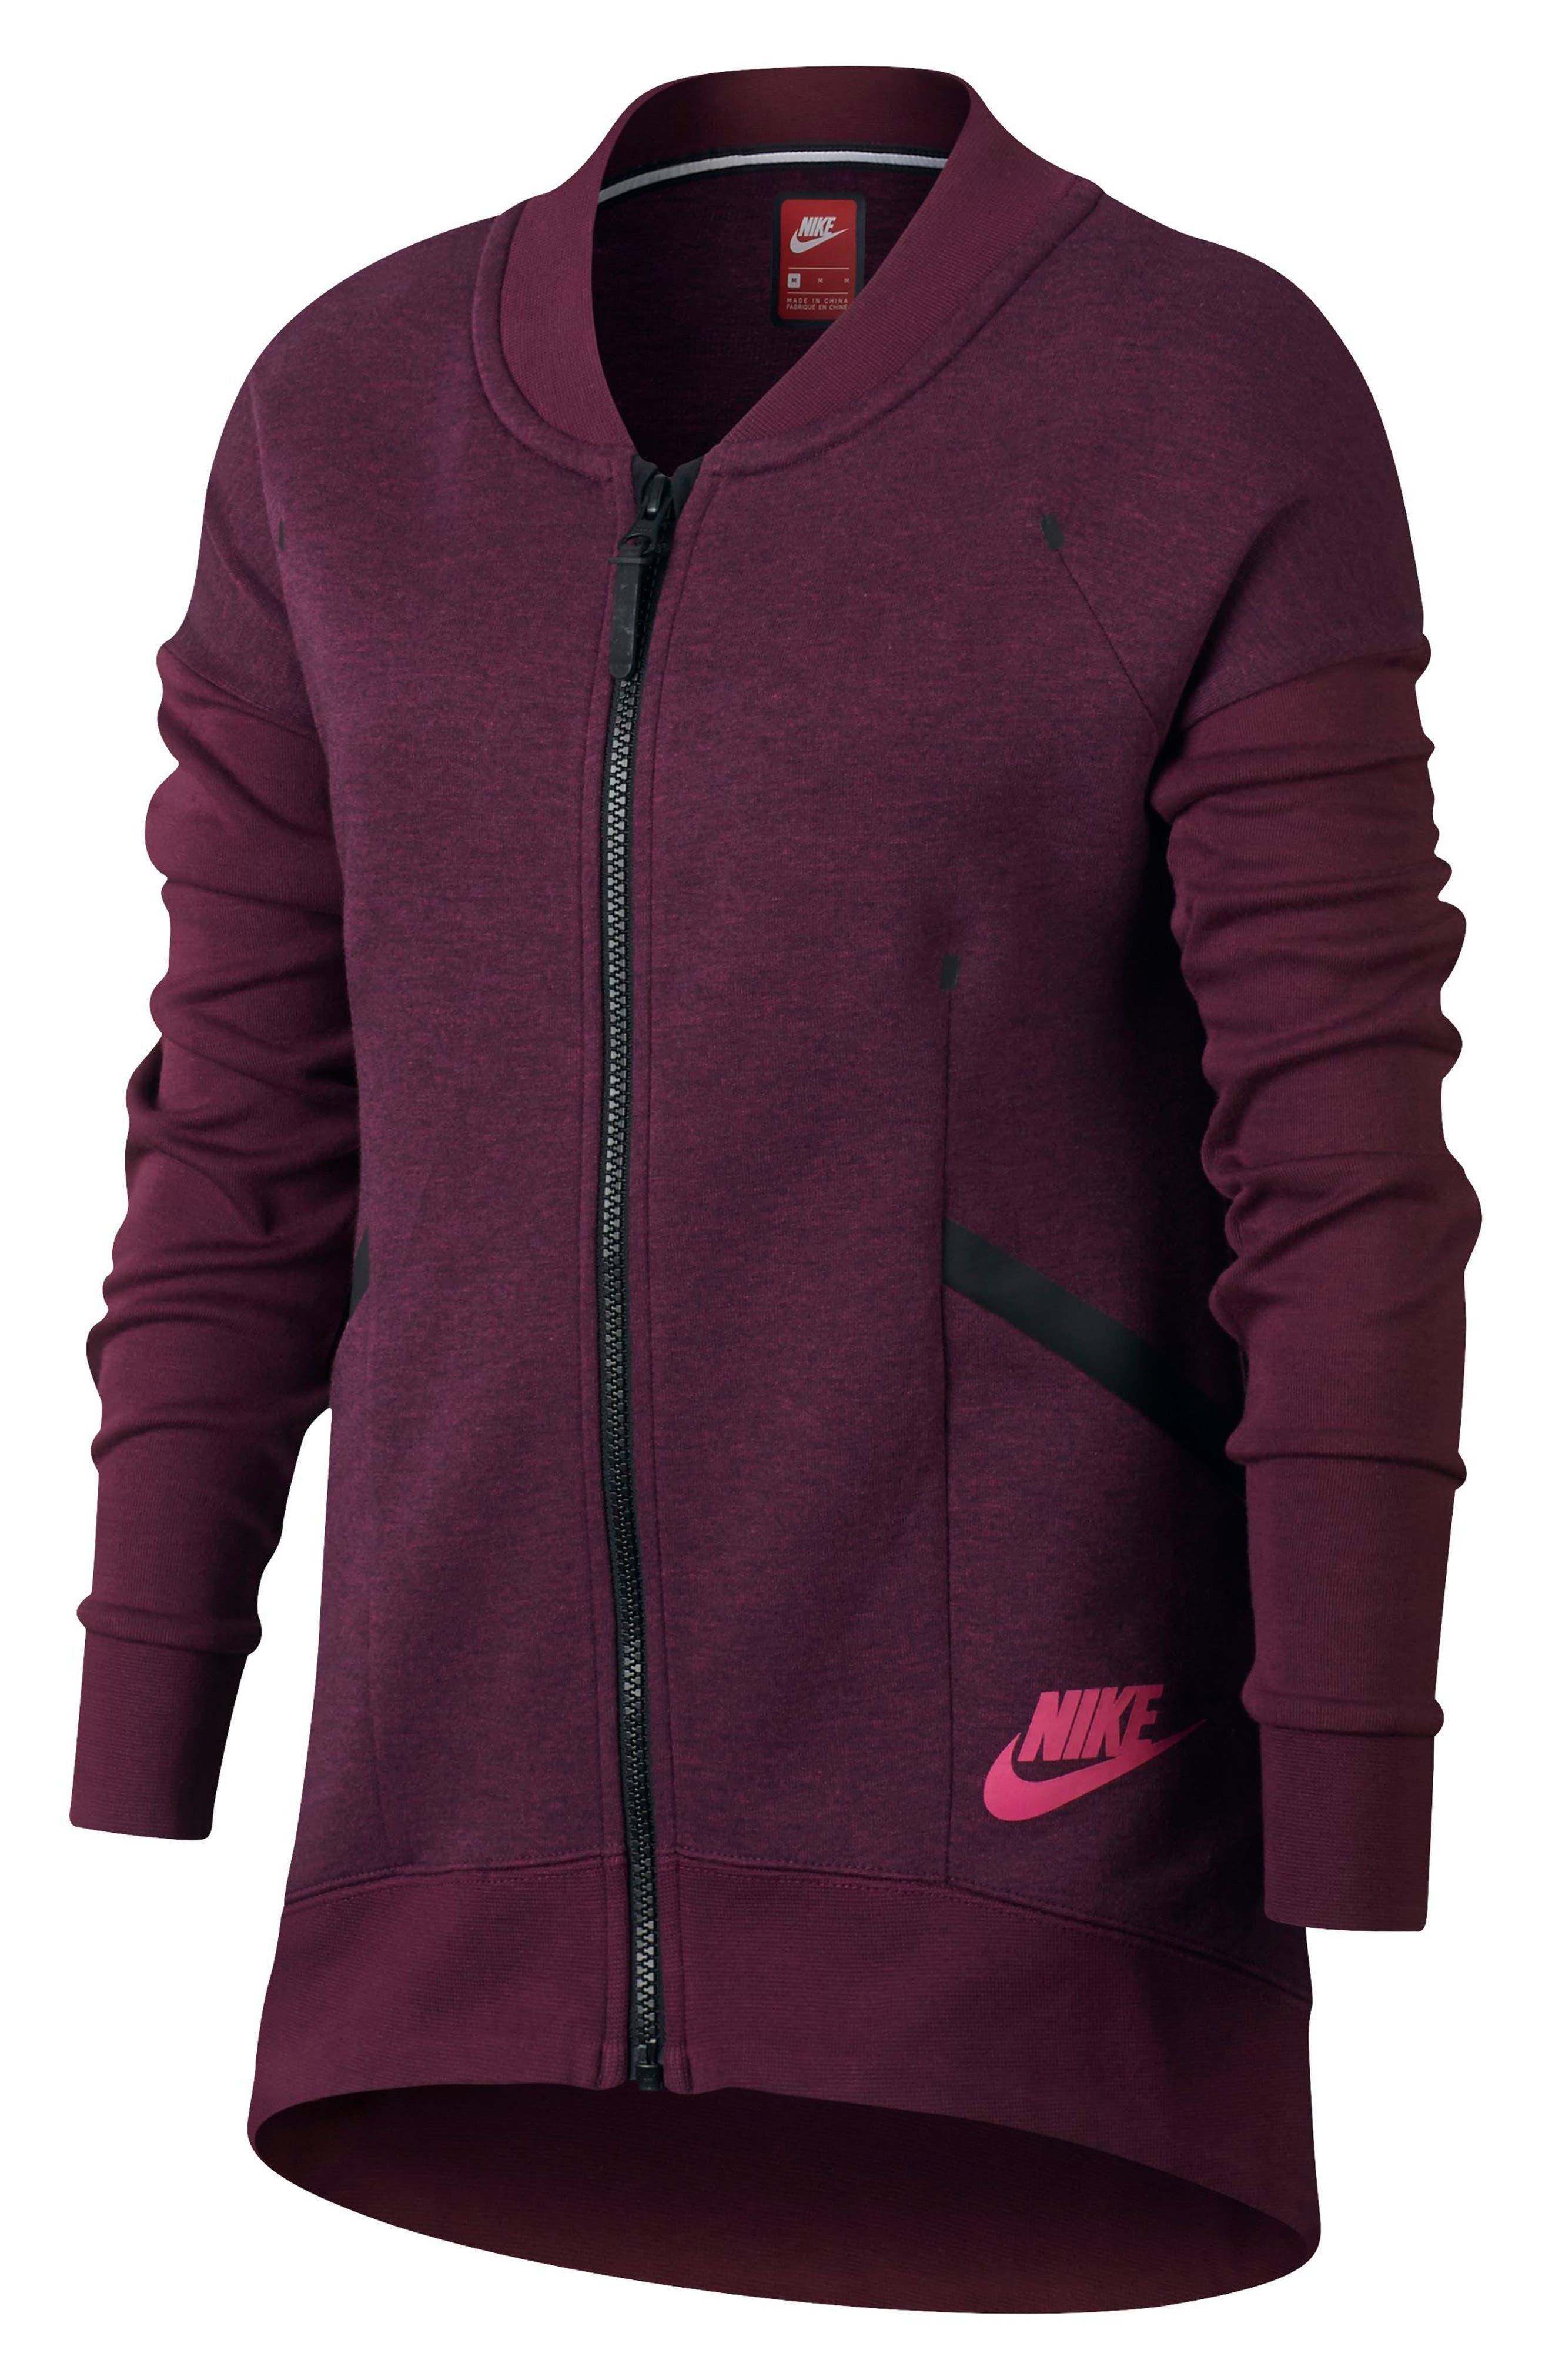 Alternate Image 3  - Nike Tech Fleece Zip Jacket (Big Girls)